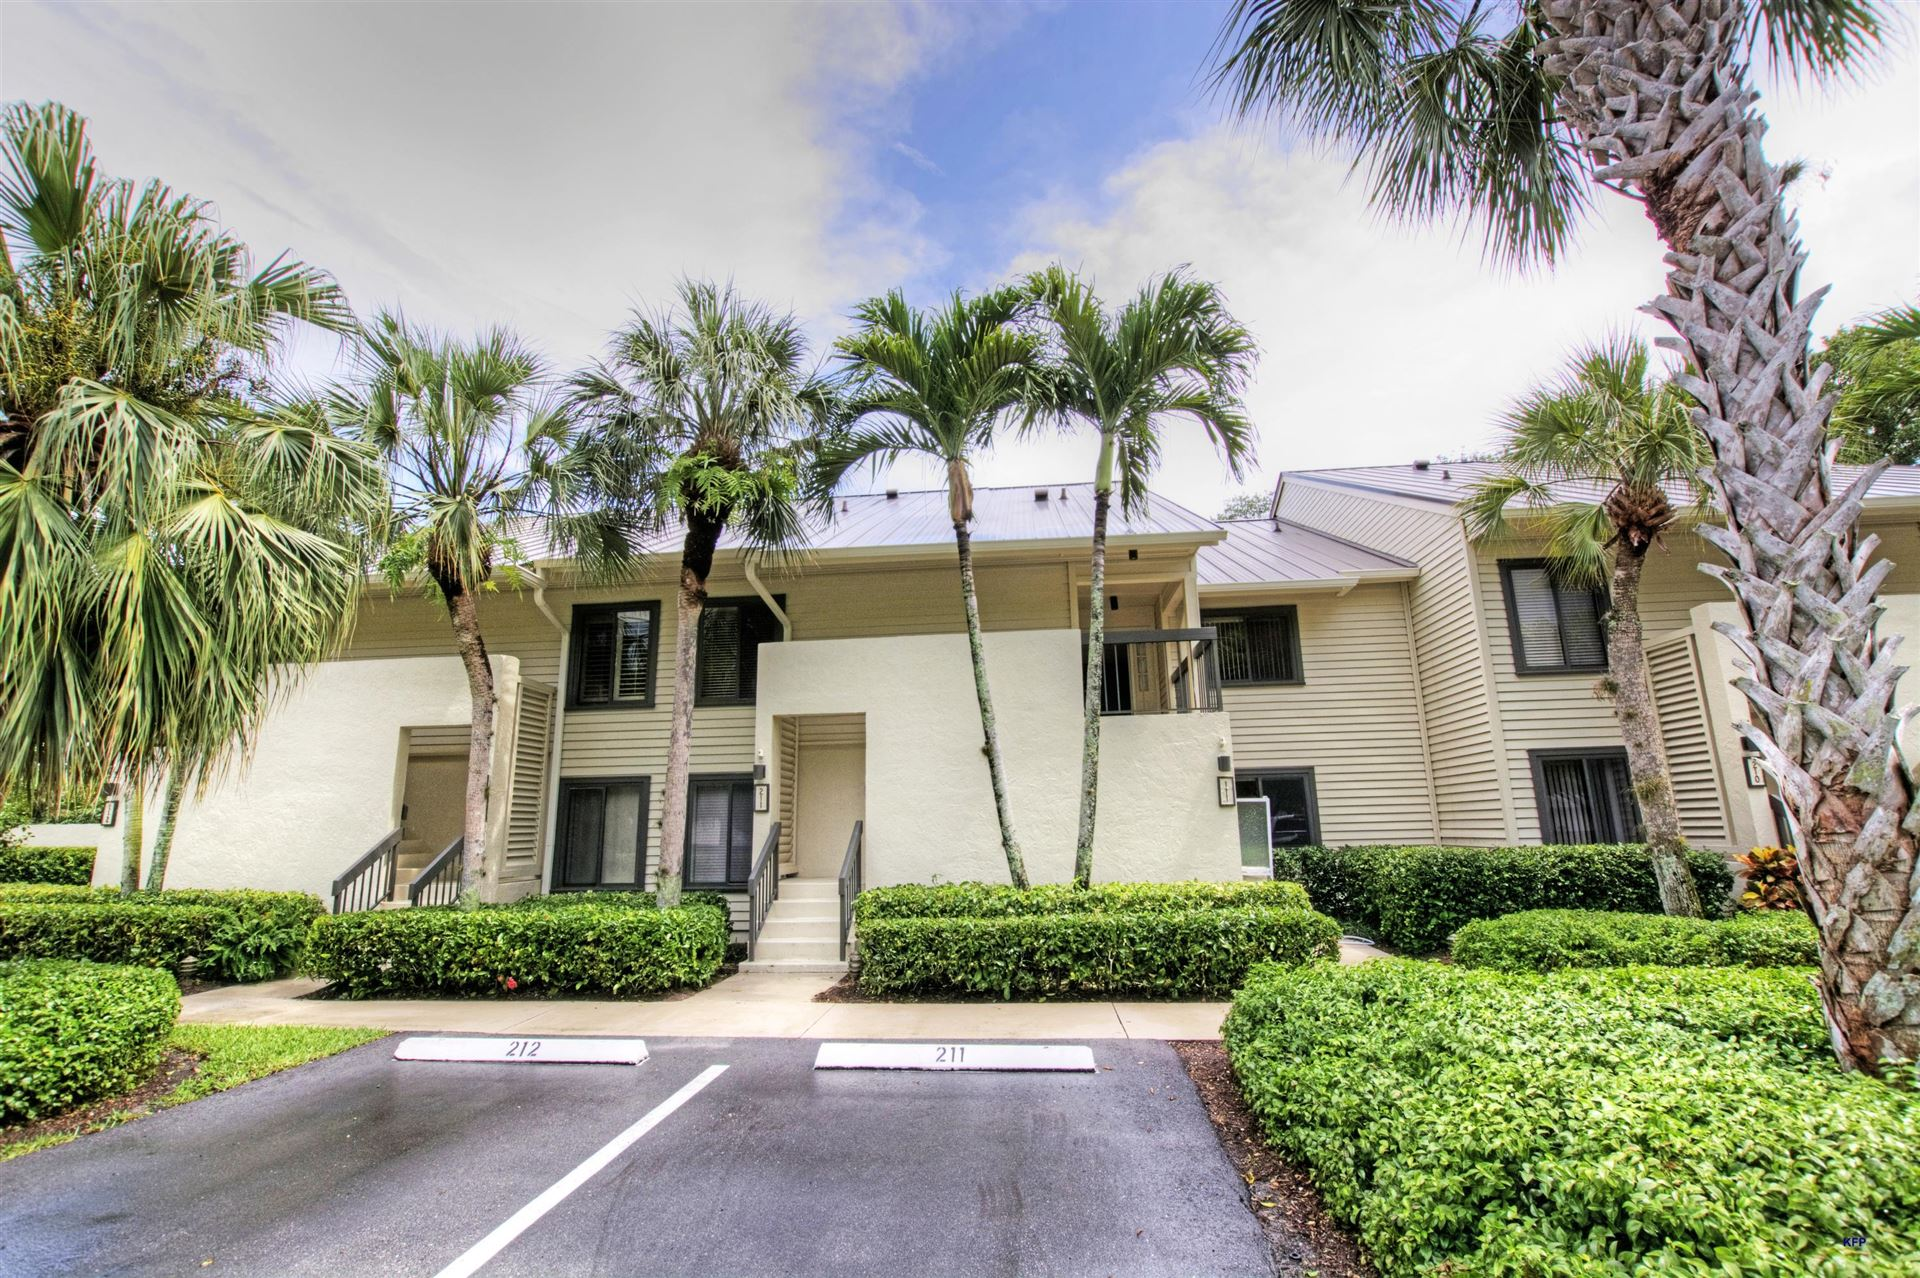 5192 SE Club Way #211, Stuart, FL 34997 - MLS#: RX-10598456